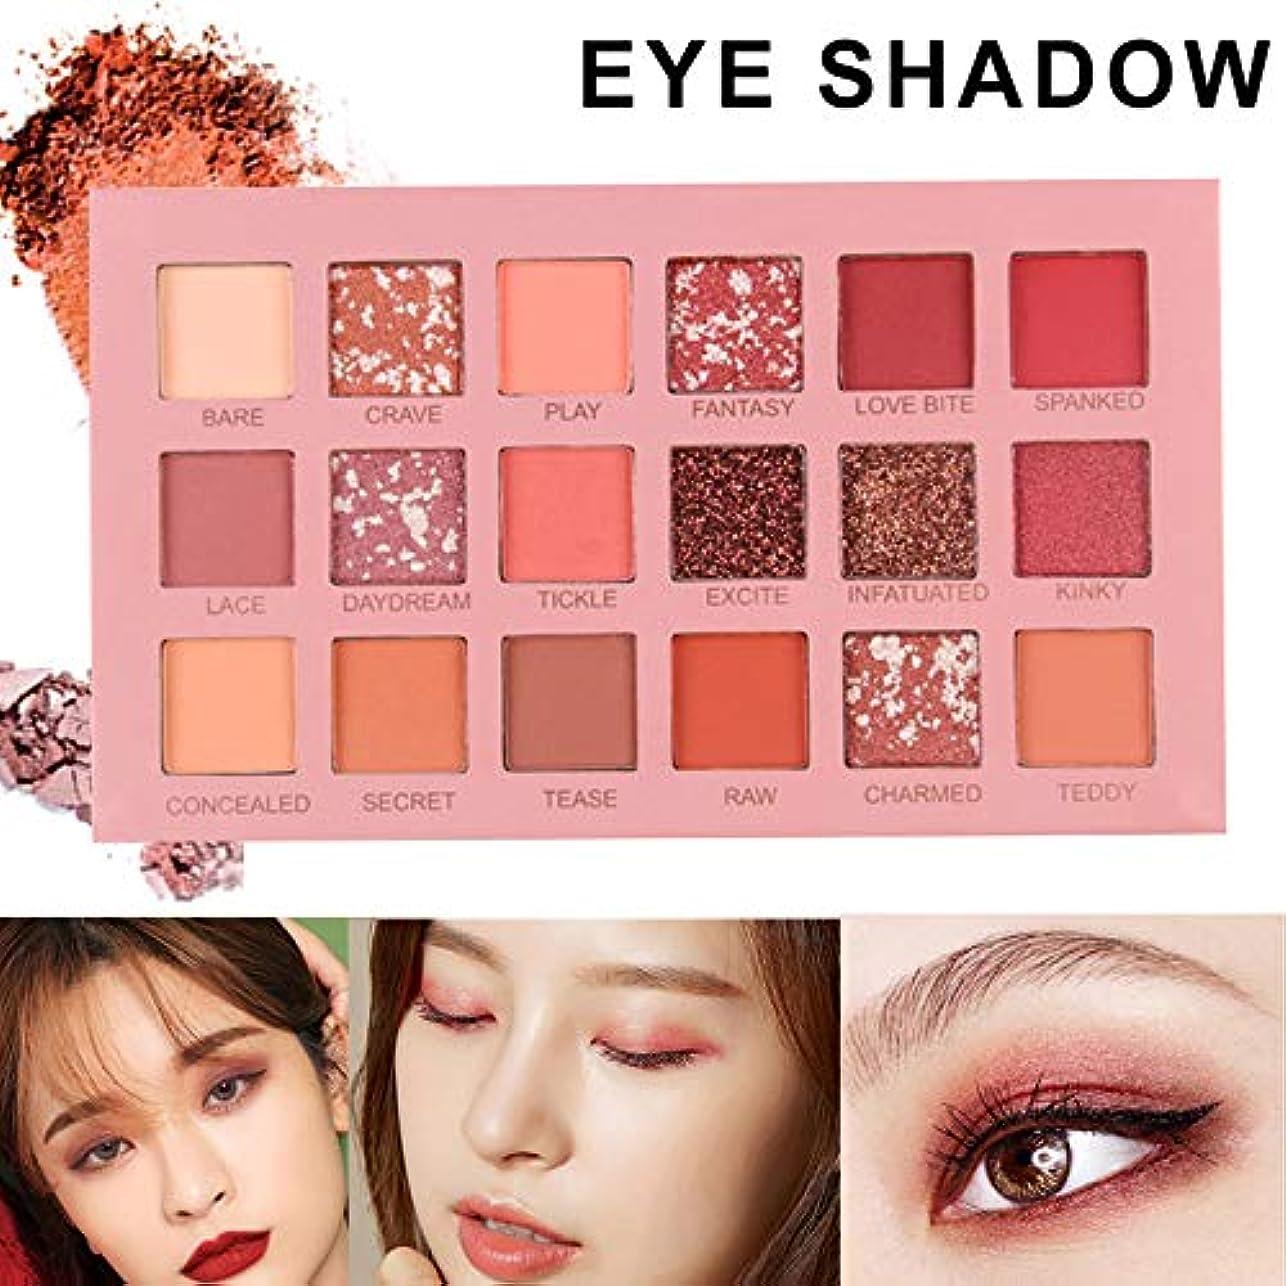 赤外線ブランド用量hownnery 18 colors Shining Matte Eyeshadow Pearlescent Waterproof Smog Eye Shadow Palette